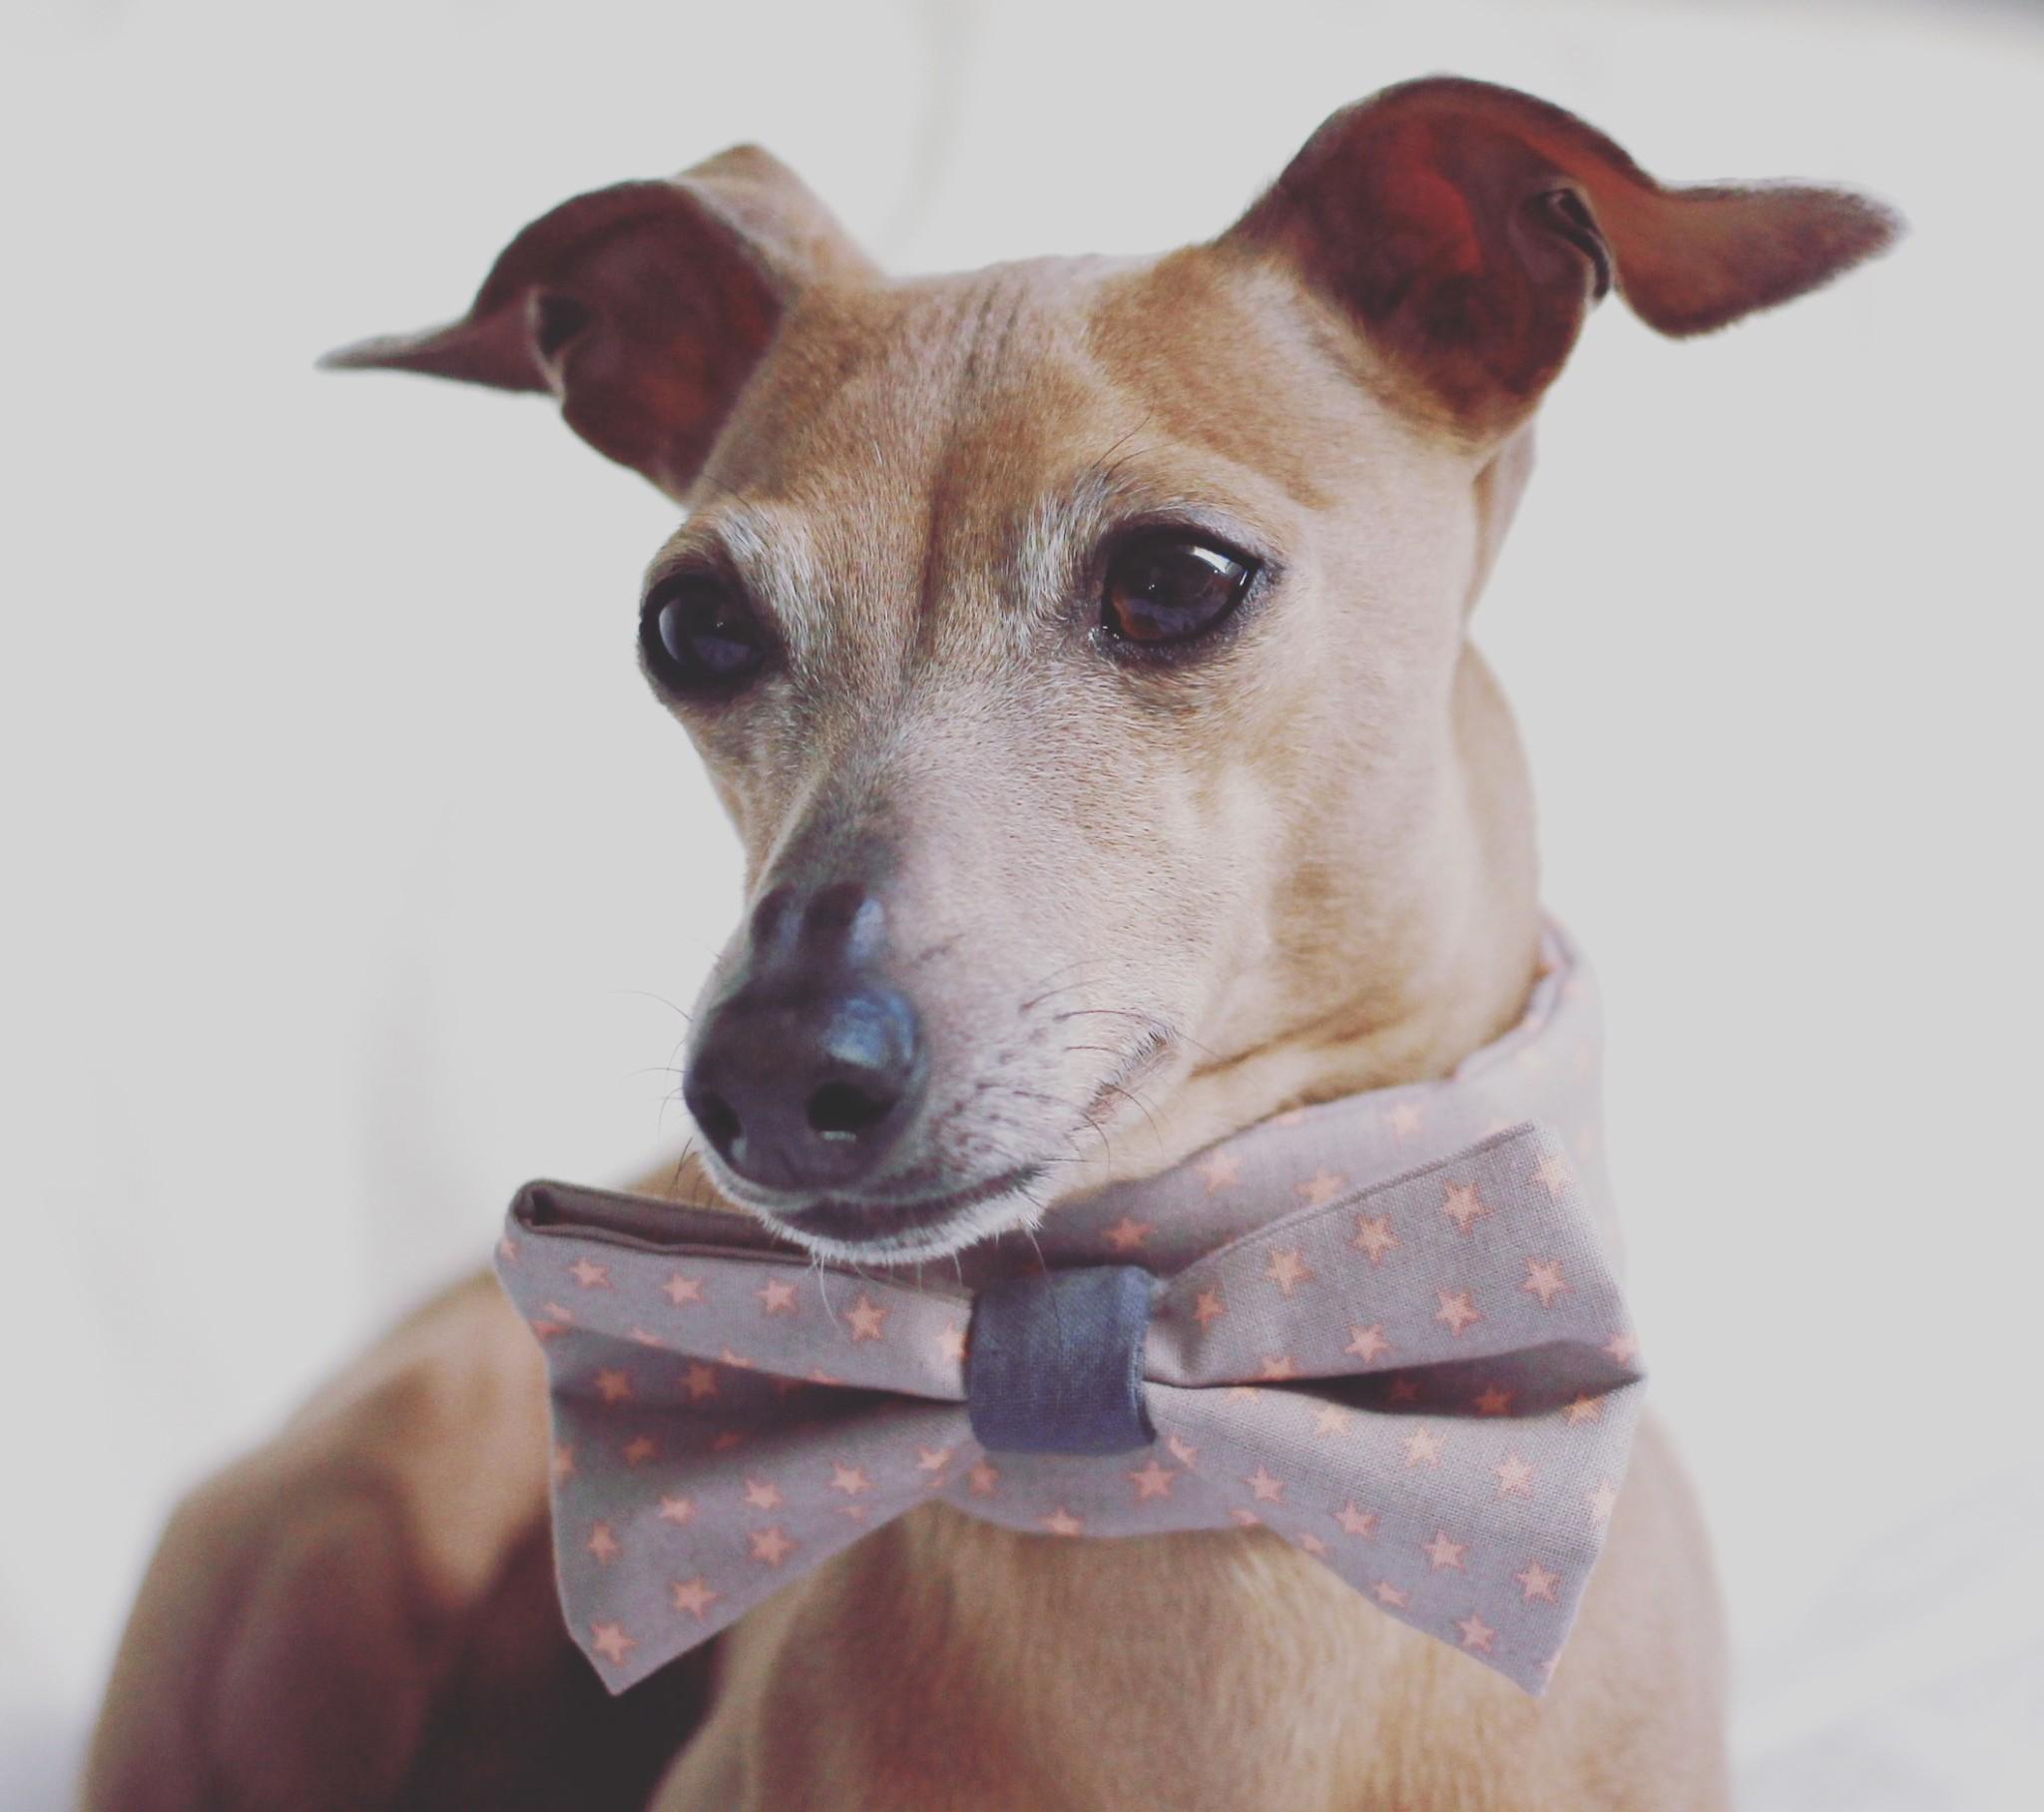 Warum eine Schleife am Hund lebenswichtig sein kann vermopst gelber Hund